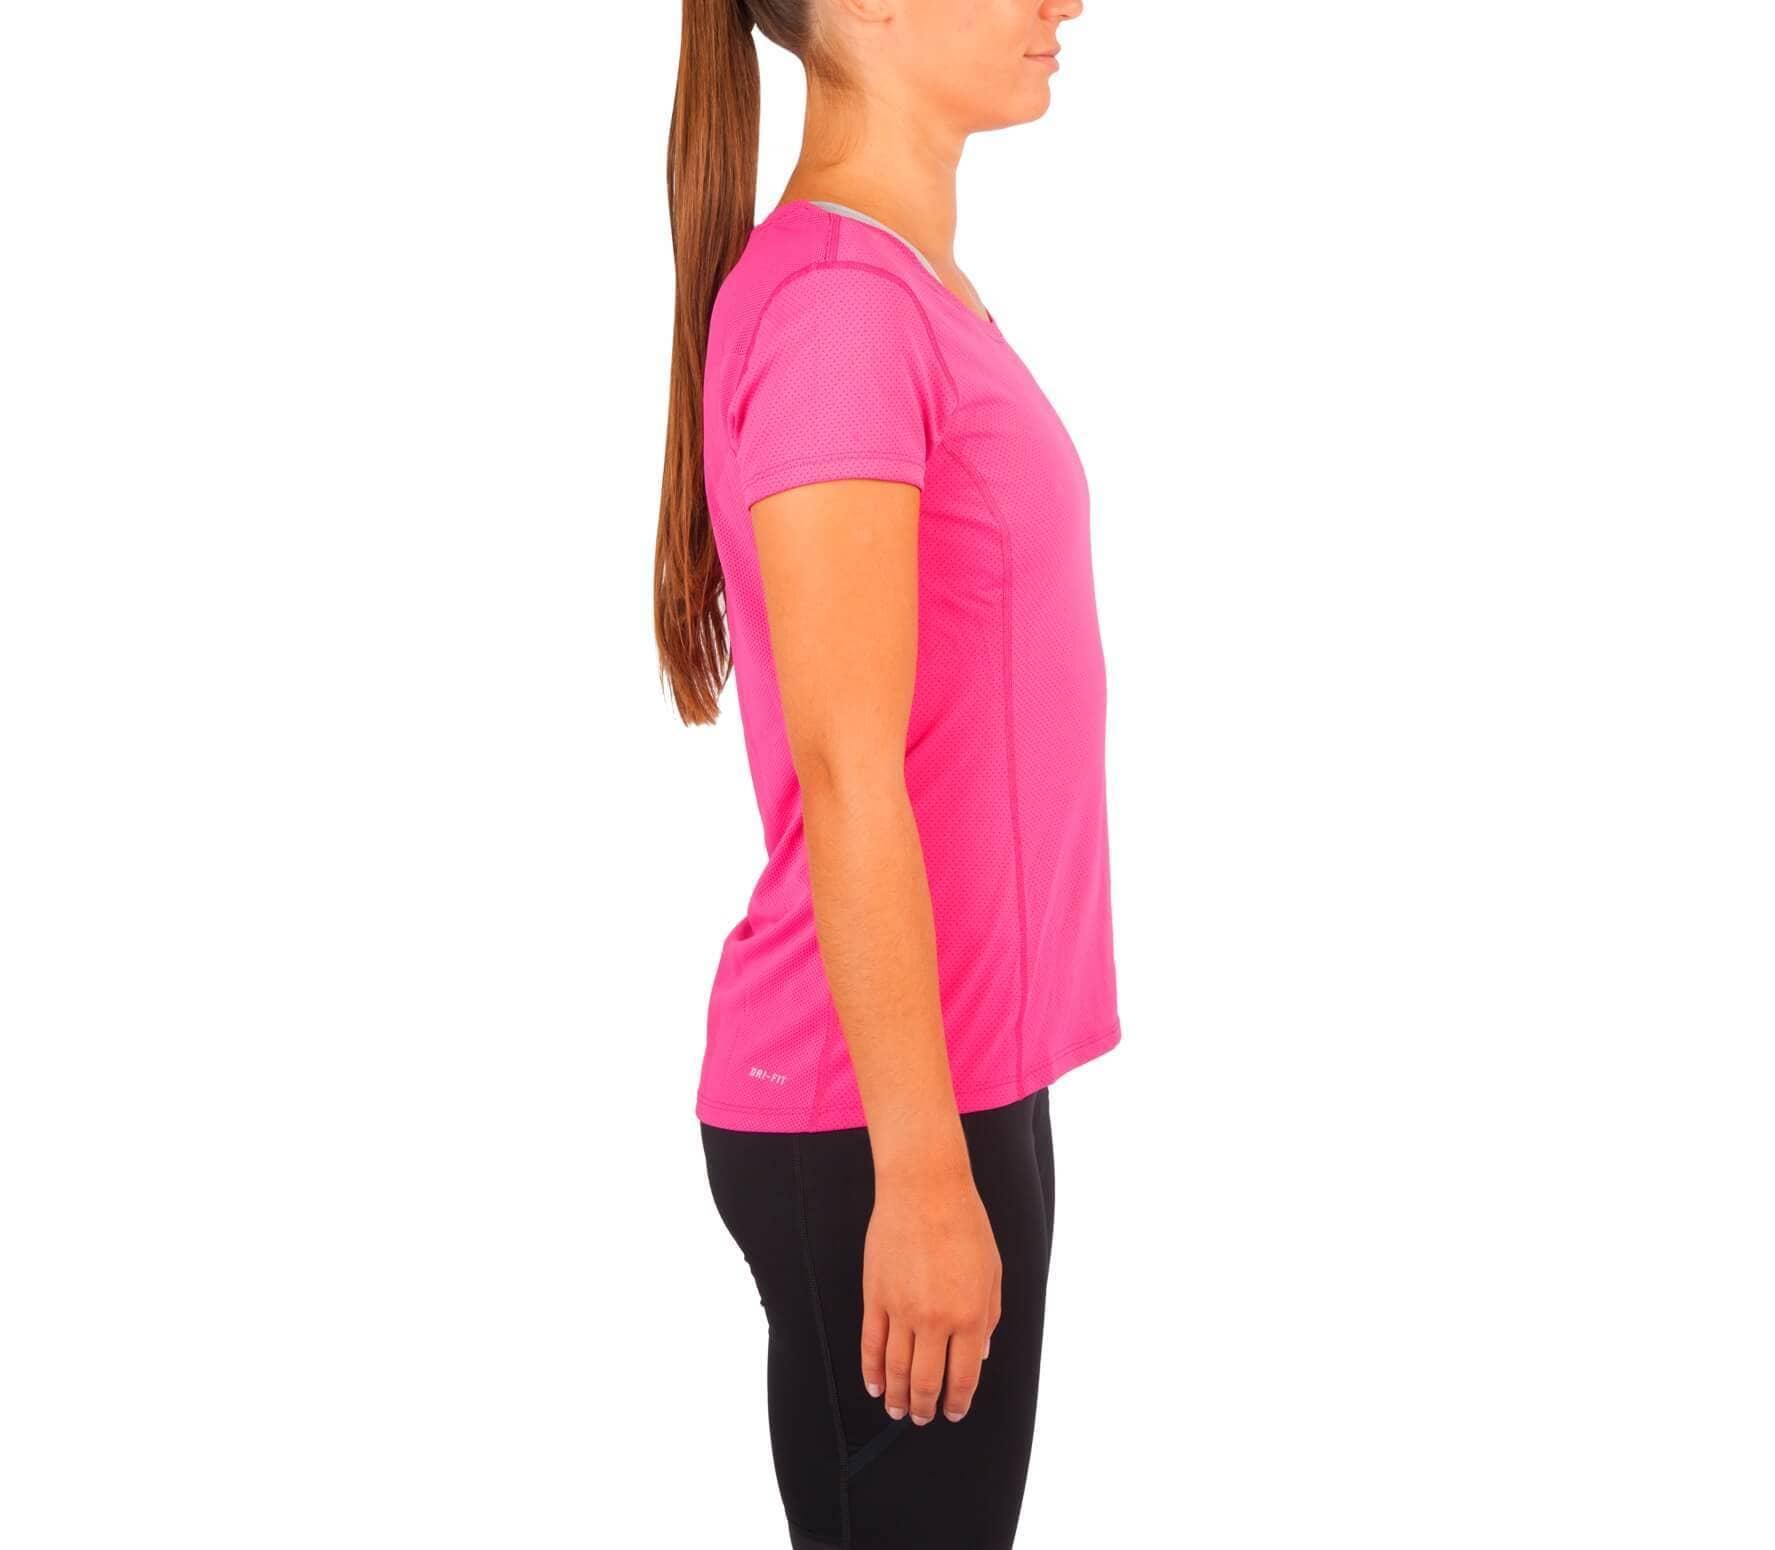 reputable site b6fa4 34414 Nike - Dri-Fit Contour Shortsleeve Femmes chemise de course (rose argent)